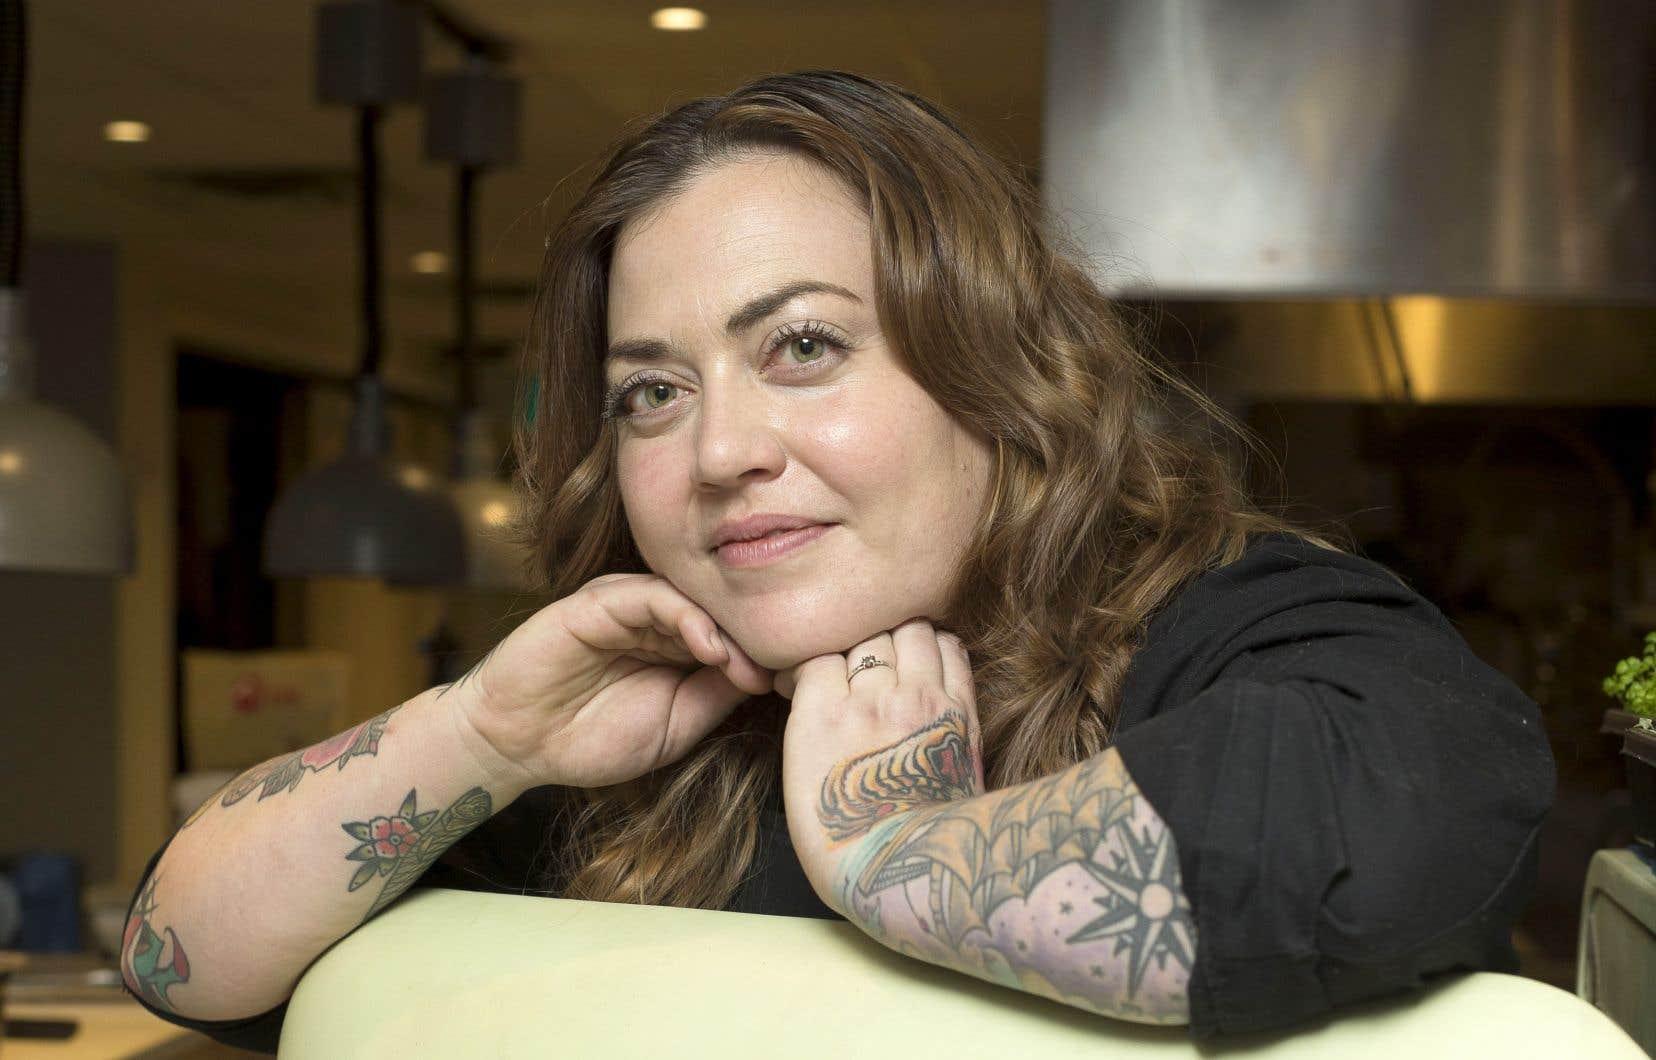 En 2019, la Montréalaise Dominique Dufour s'est illustrée à l'émission <em>Top Chef Canada</em> et a ouvert son propre restaurant, le Gray-Jay, à Ottawa.